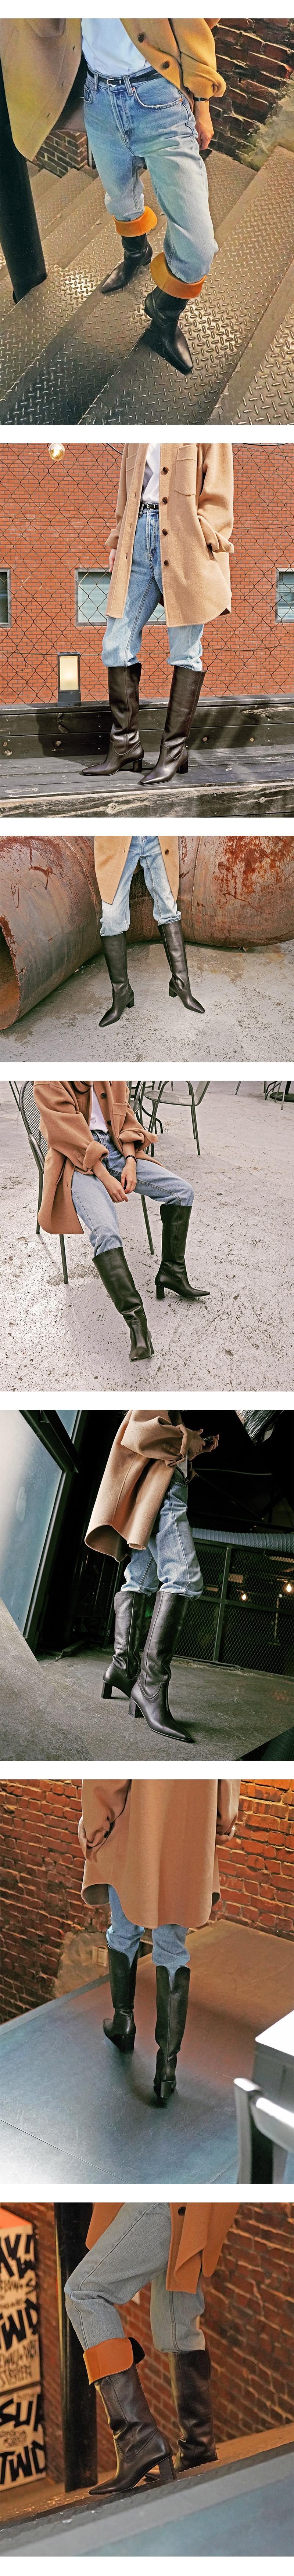 렉켄(REKKEN) Long boots_High EMBO 하이엠보 RK880b